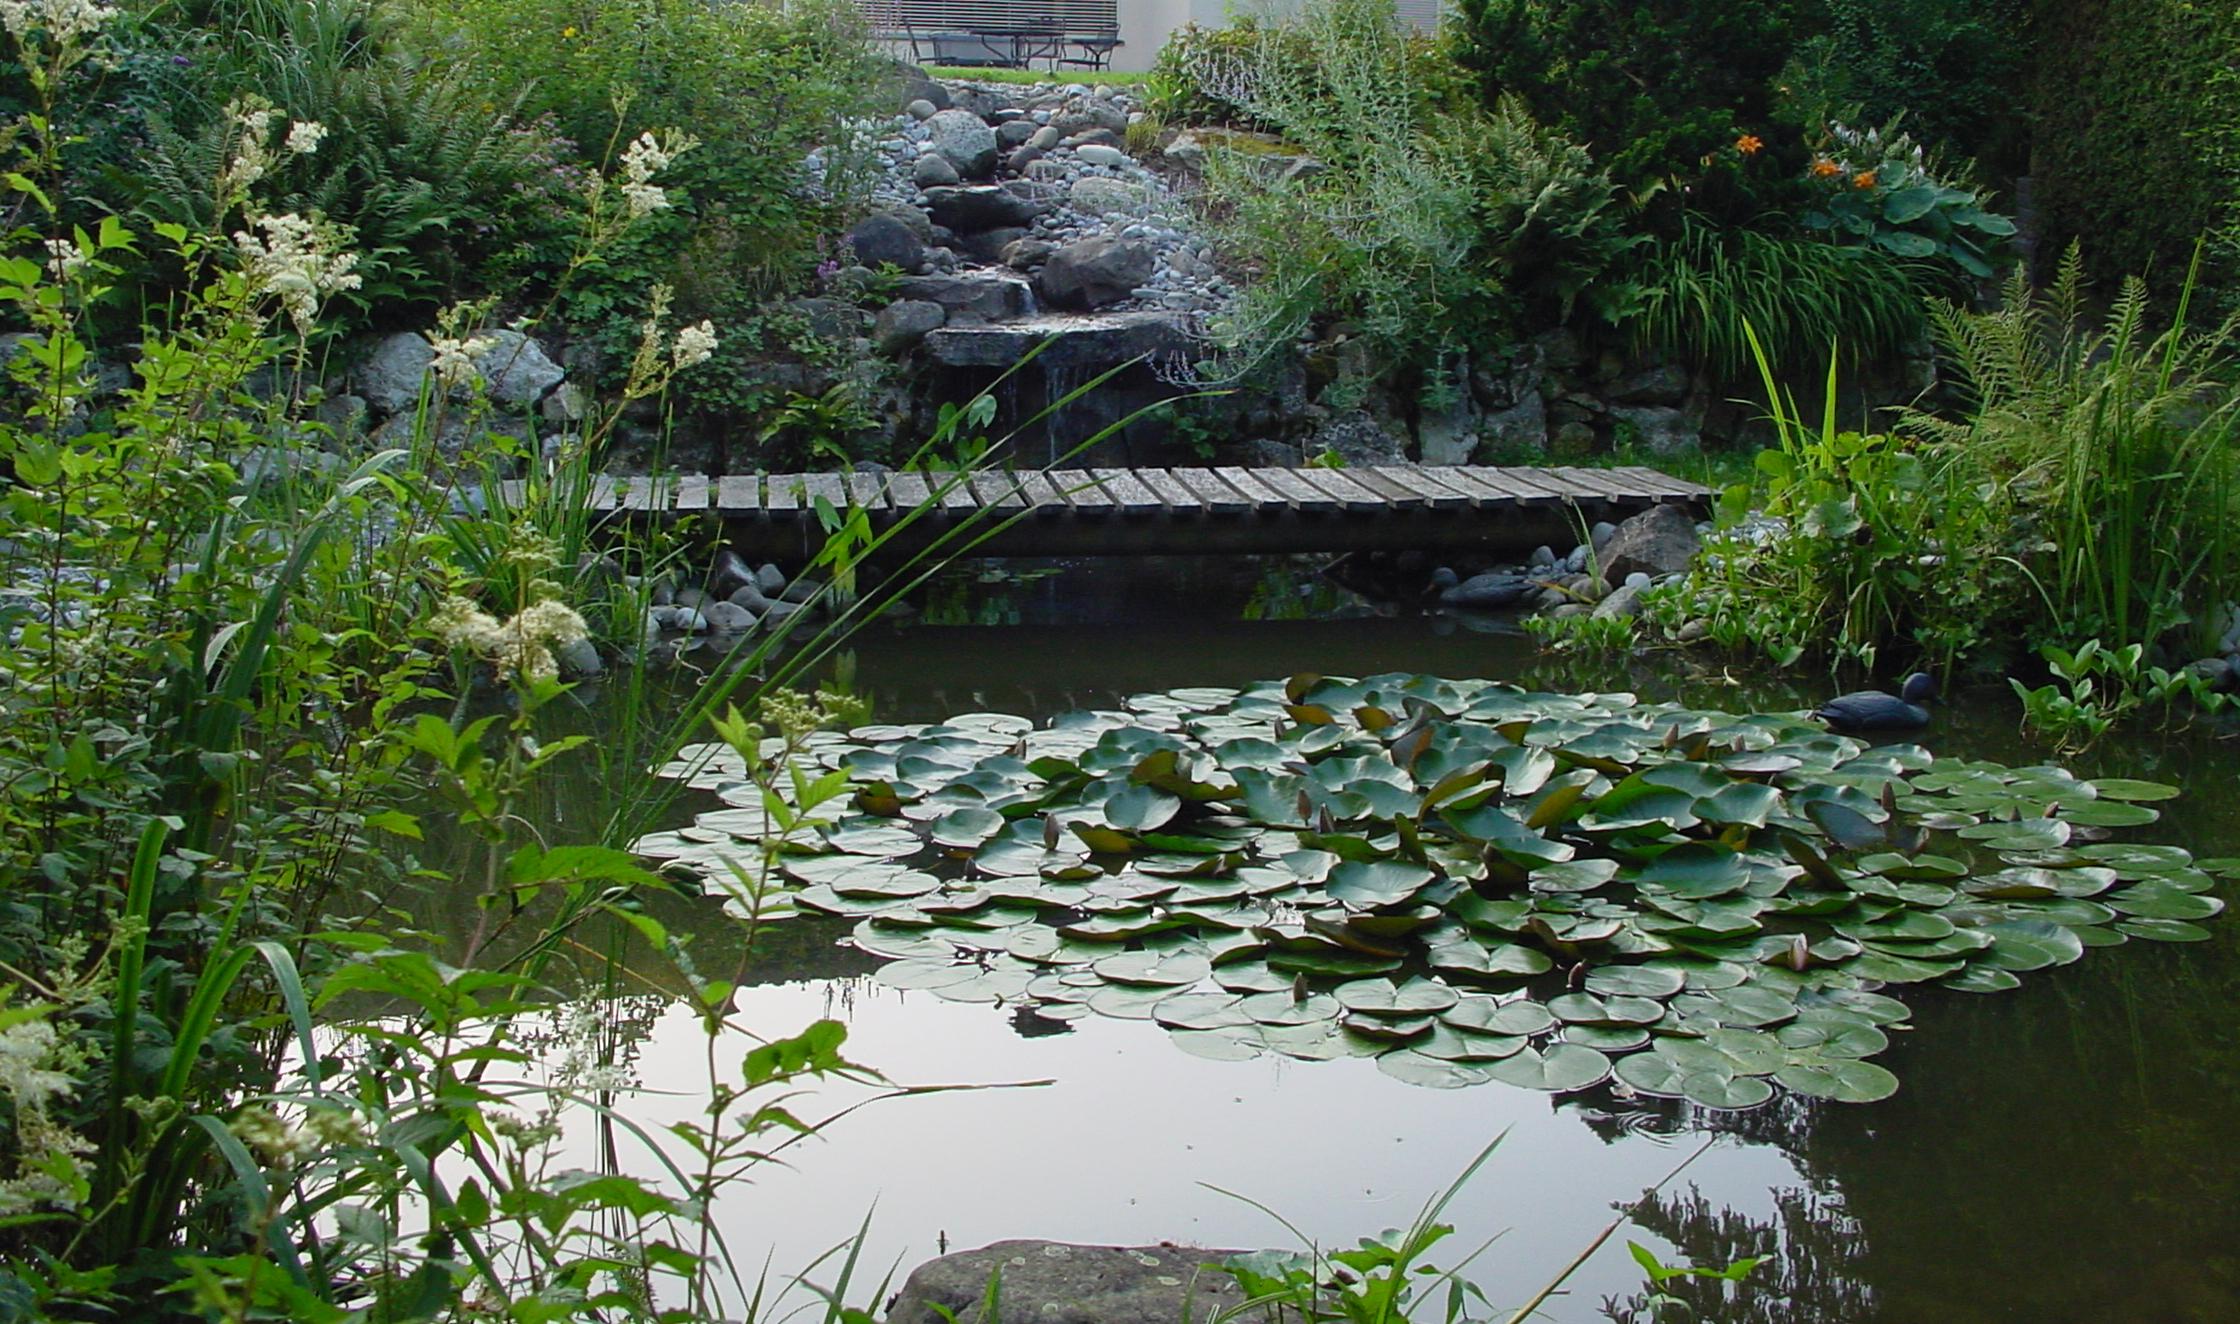 Wasser m ller gartengestaltung gmbh for Gartengestaltung wasser